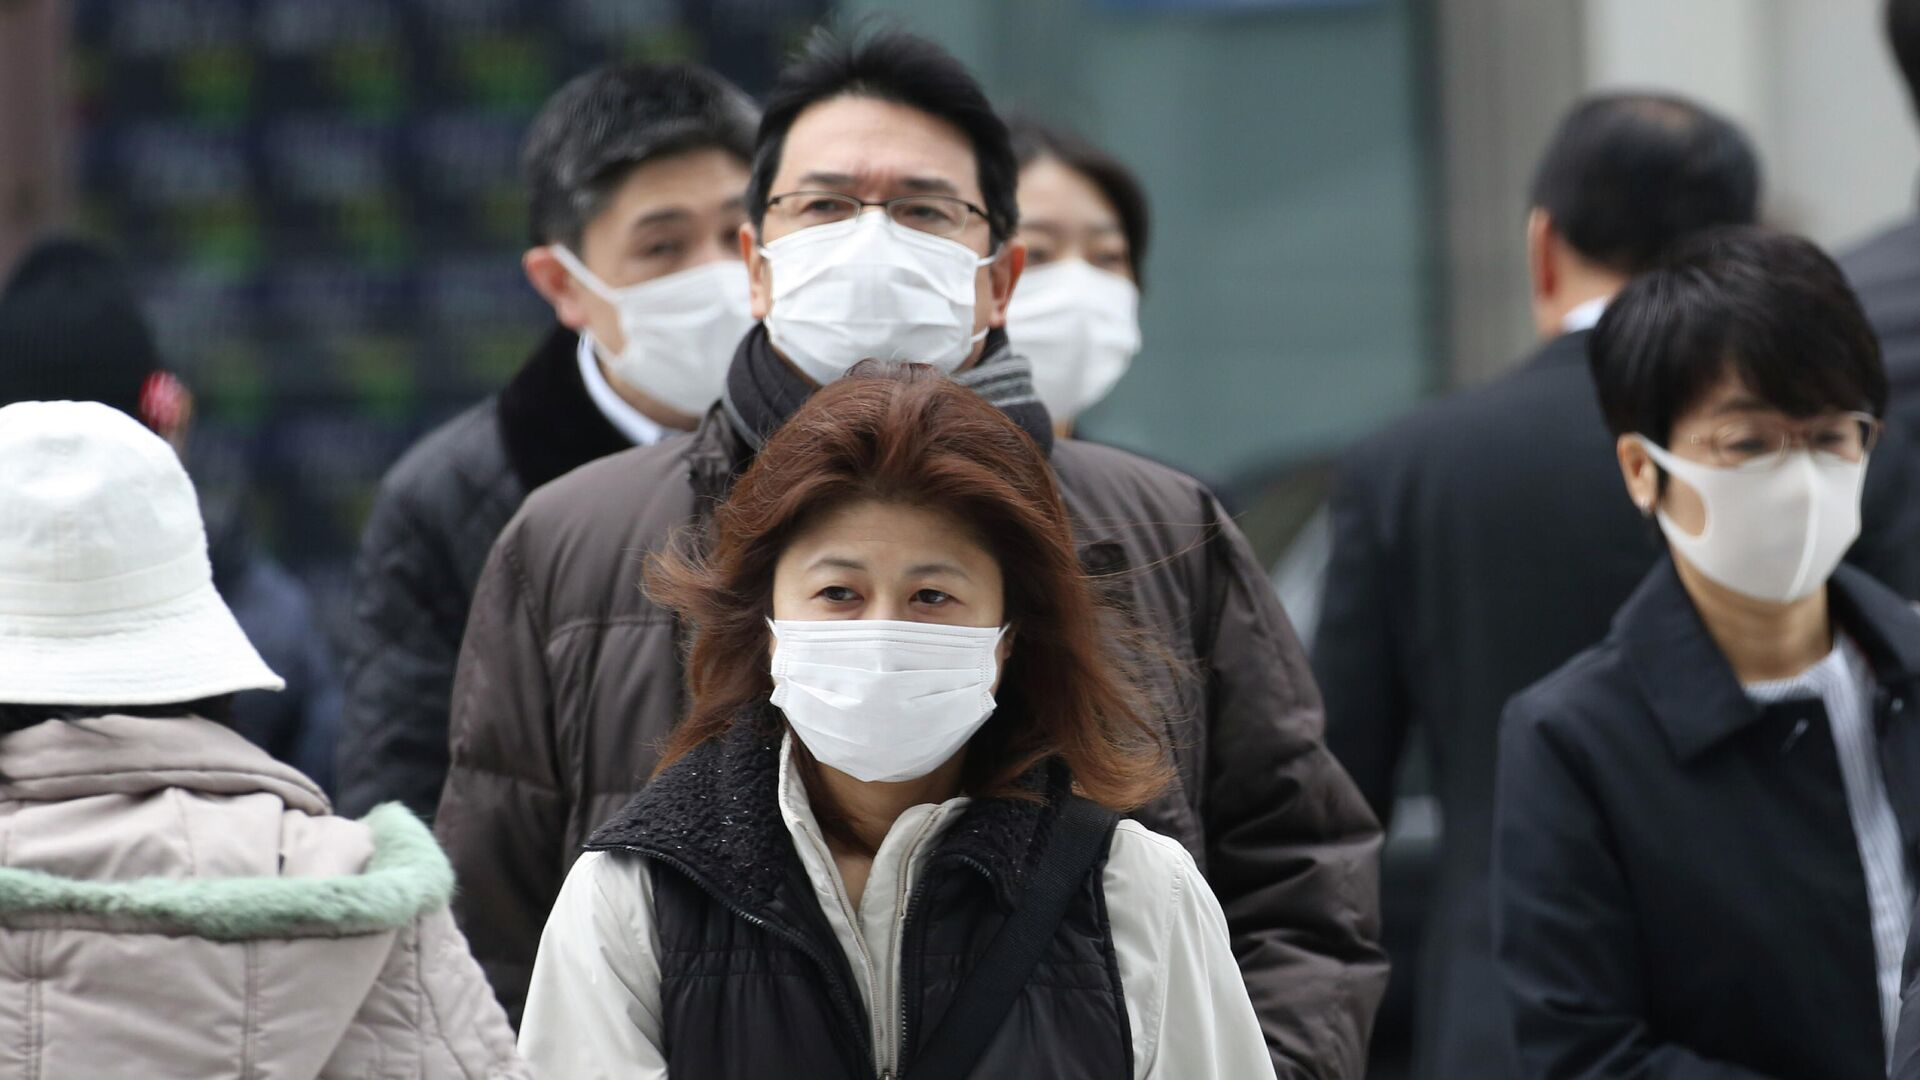 Прохожие в защитных масках на улице Токио, Япония. 17 февраля 2020 - РИА Новости, 1920, 18.10.2020